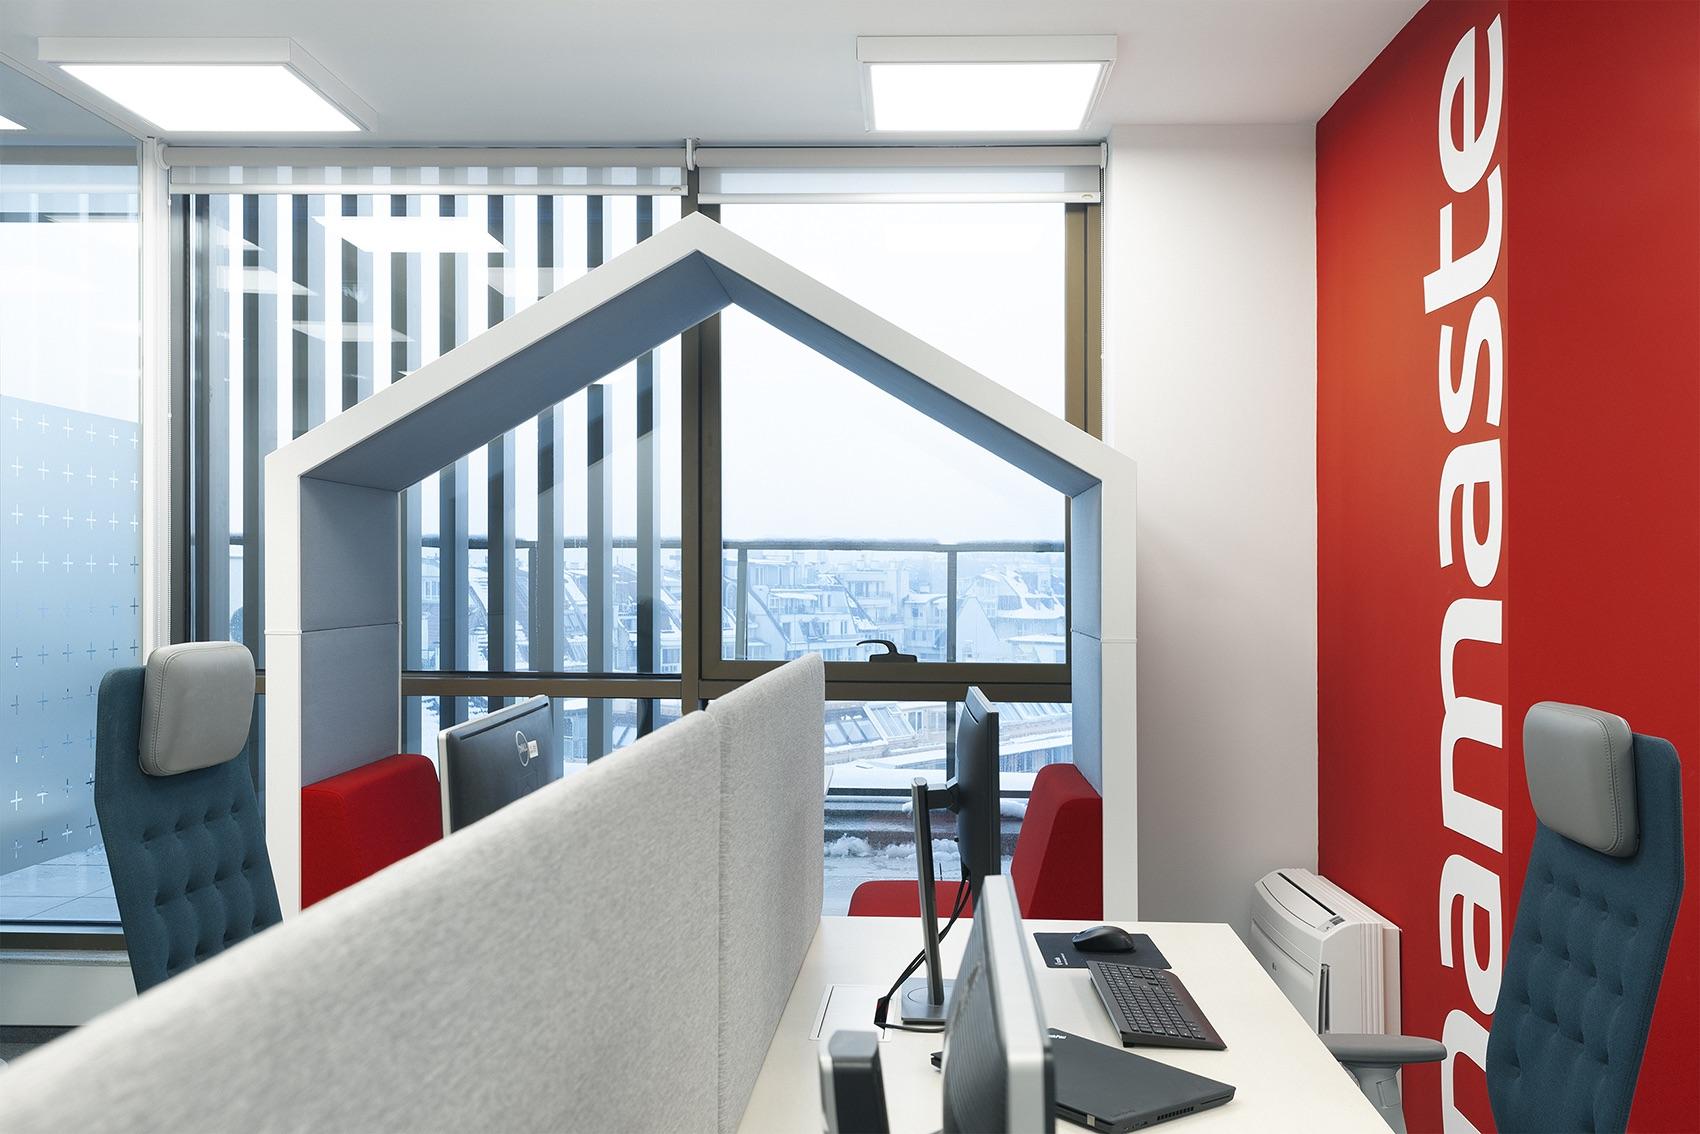 cache-atelier-interior-design-office-space-accedia-bulgaria-sofia_04